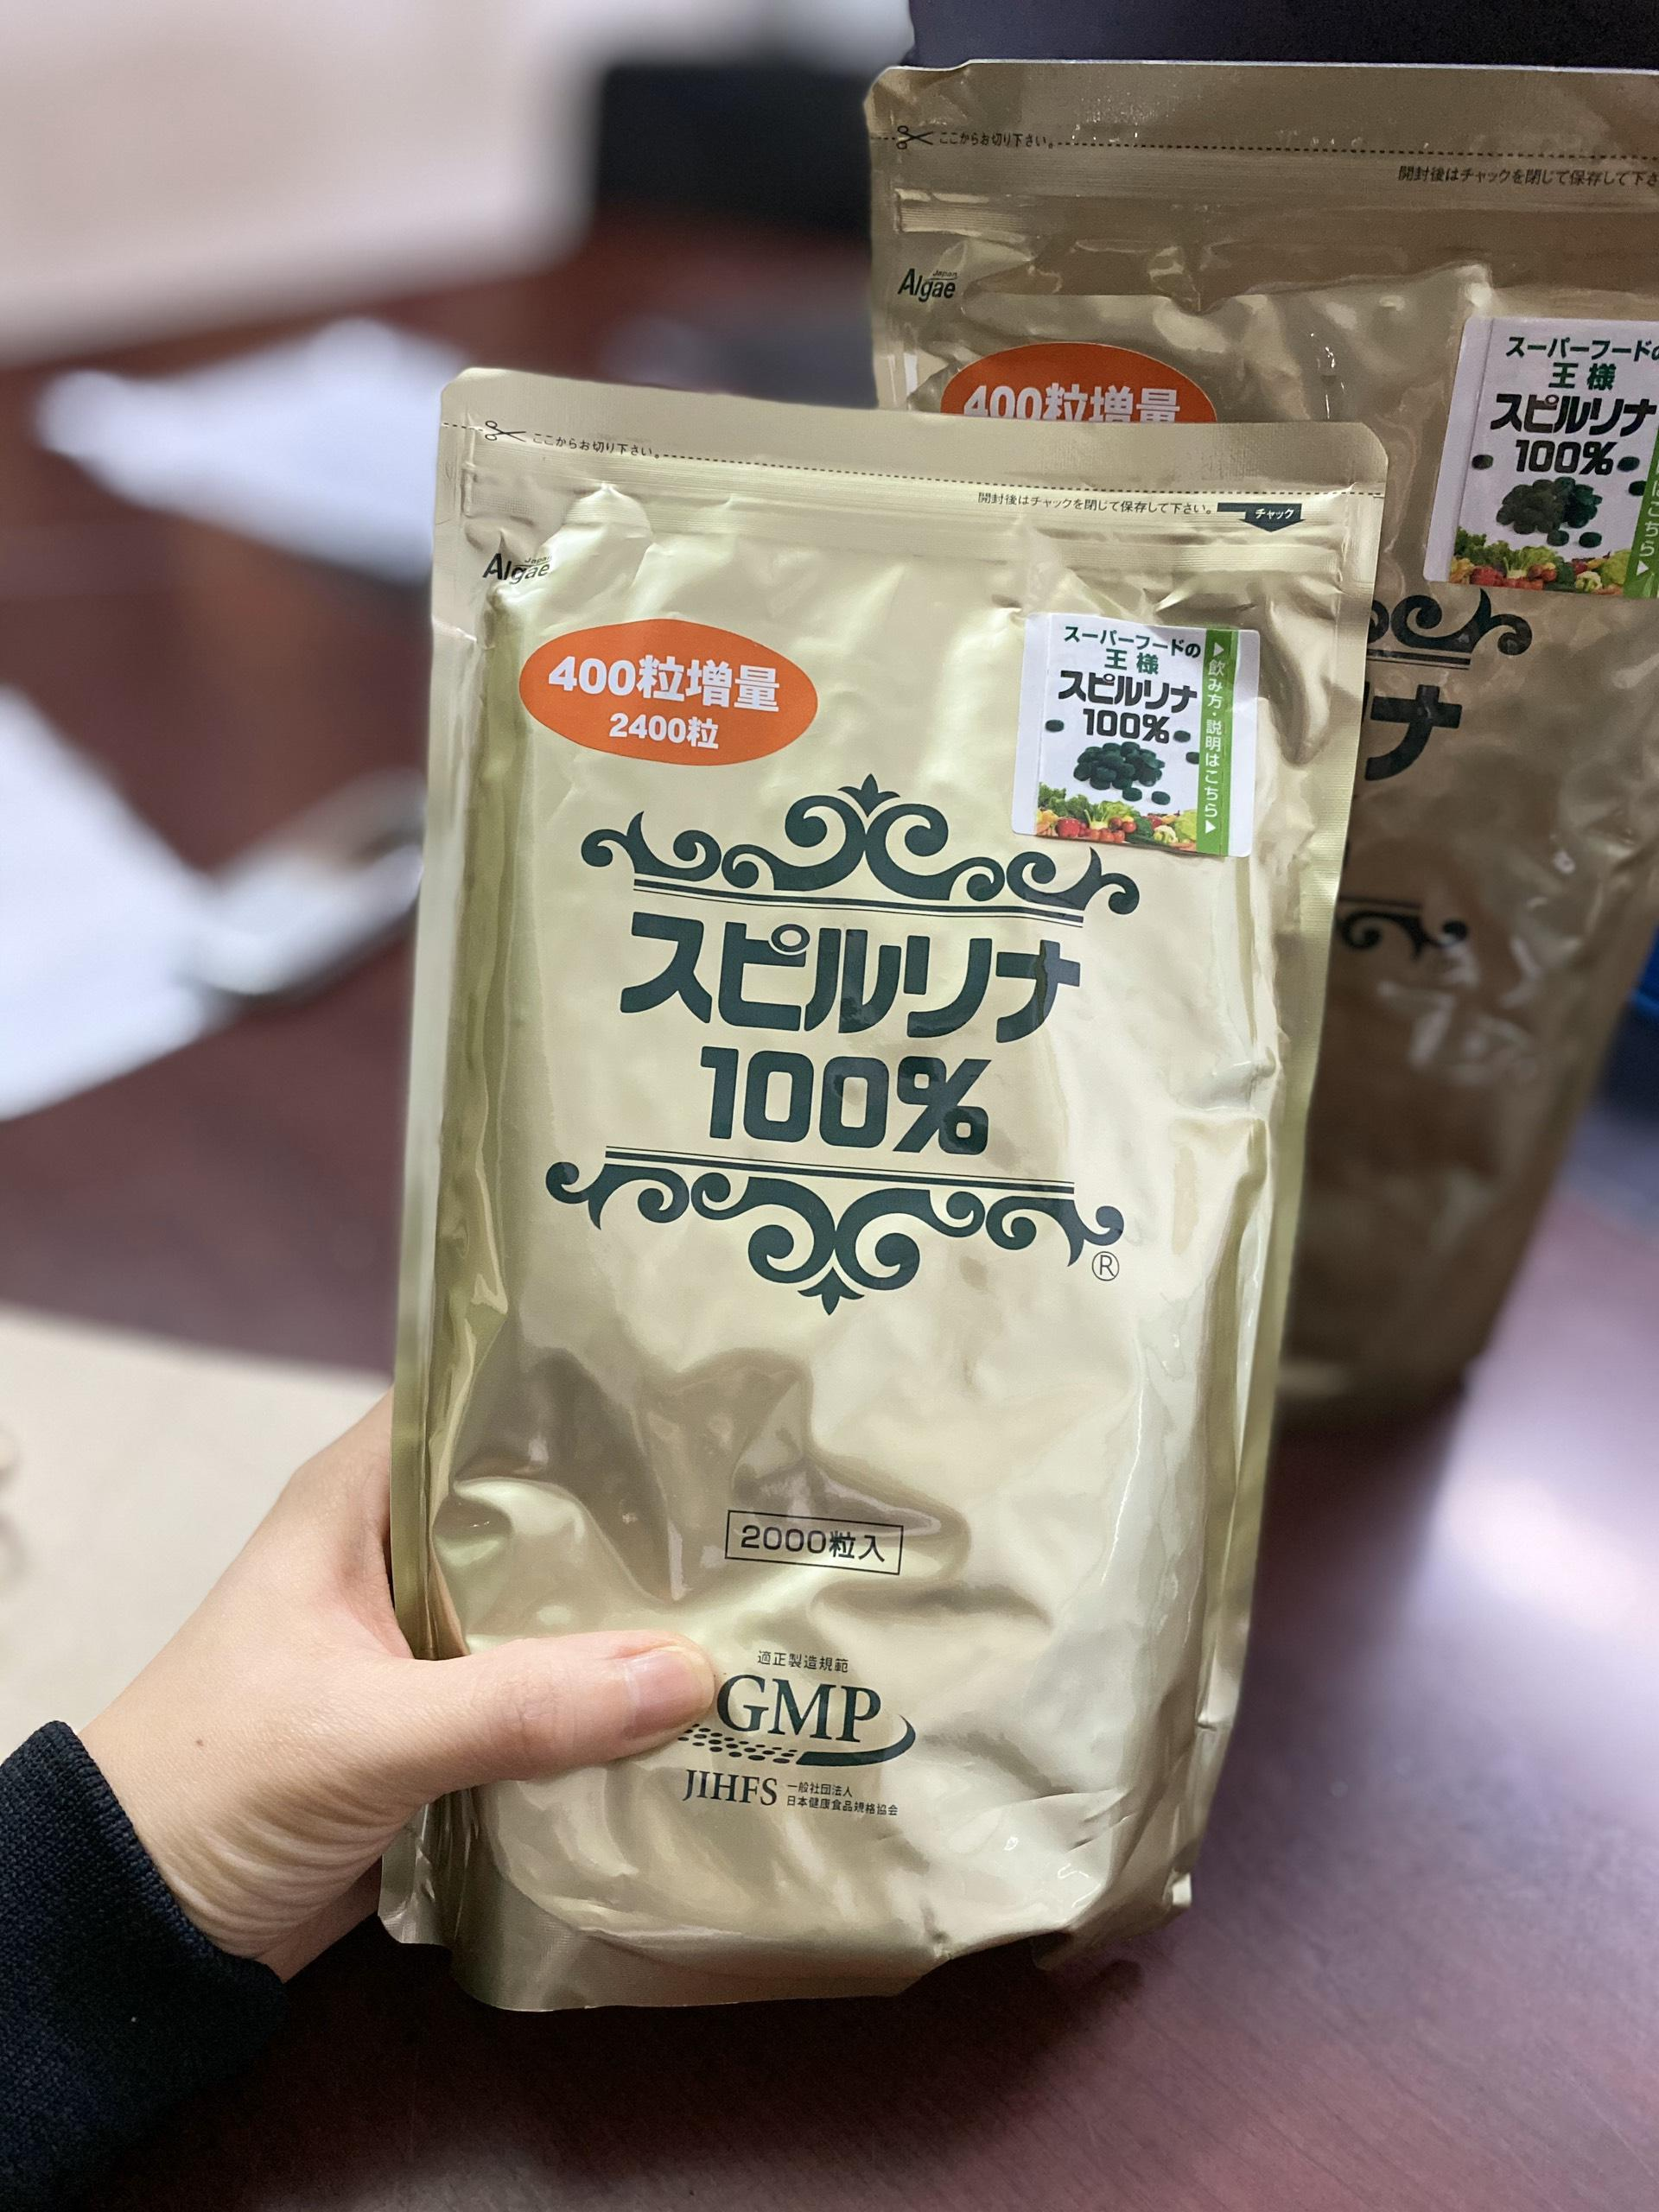 Mua hộ và chuyển phát nhanh hàng gia dụng và thuốc từ Nhật Bản